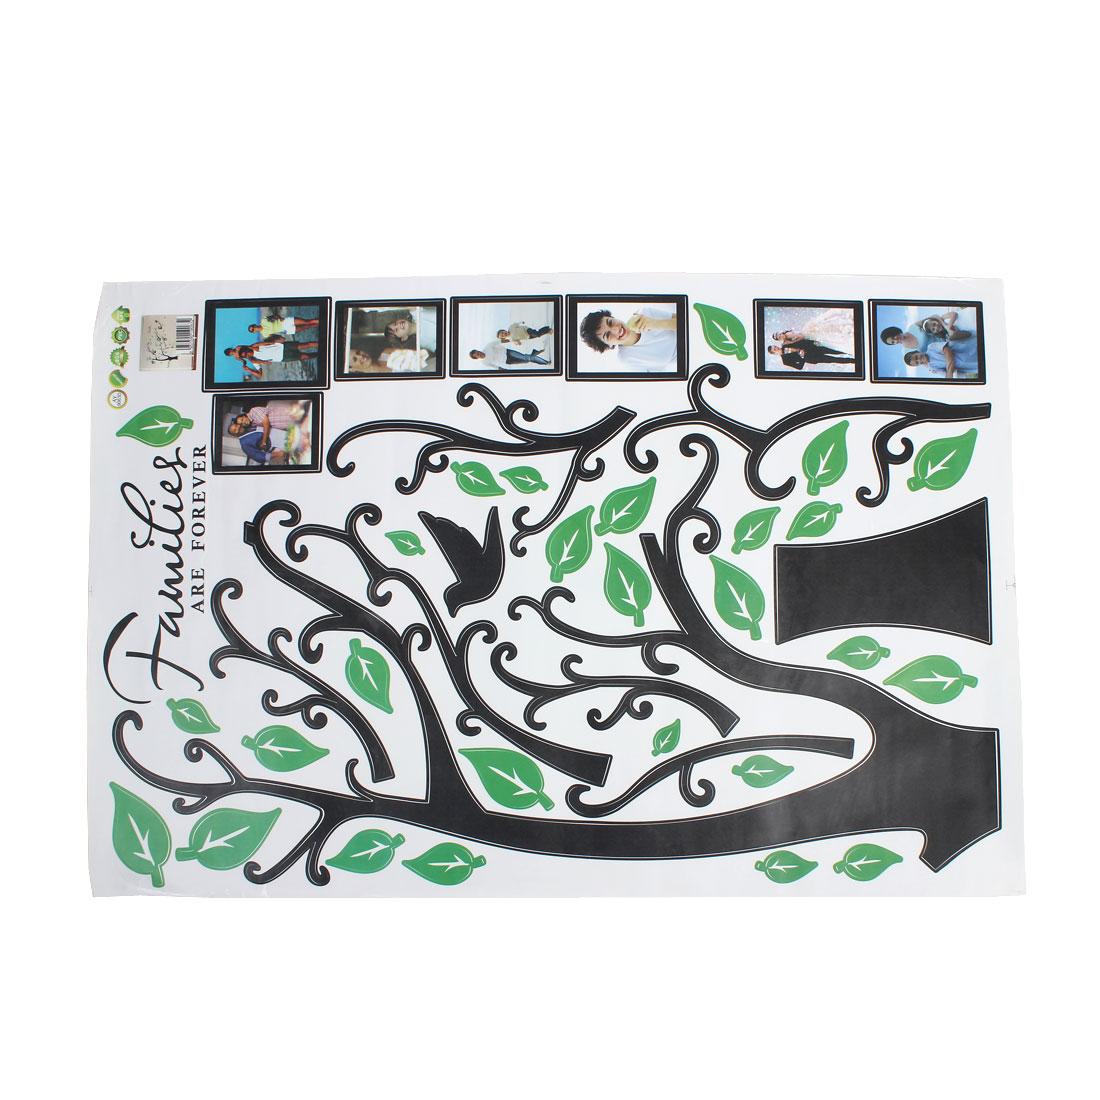 Vinyl Families Tree Branch Trunk Wall Art Sticker Decal Home Decor Mural Green